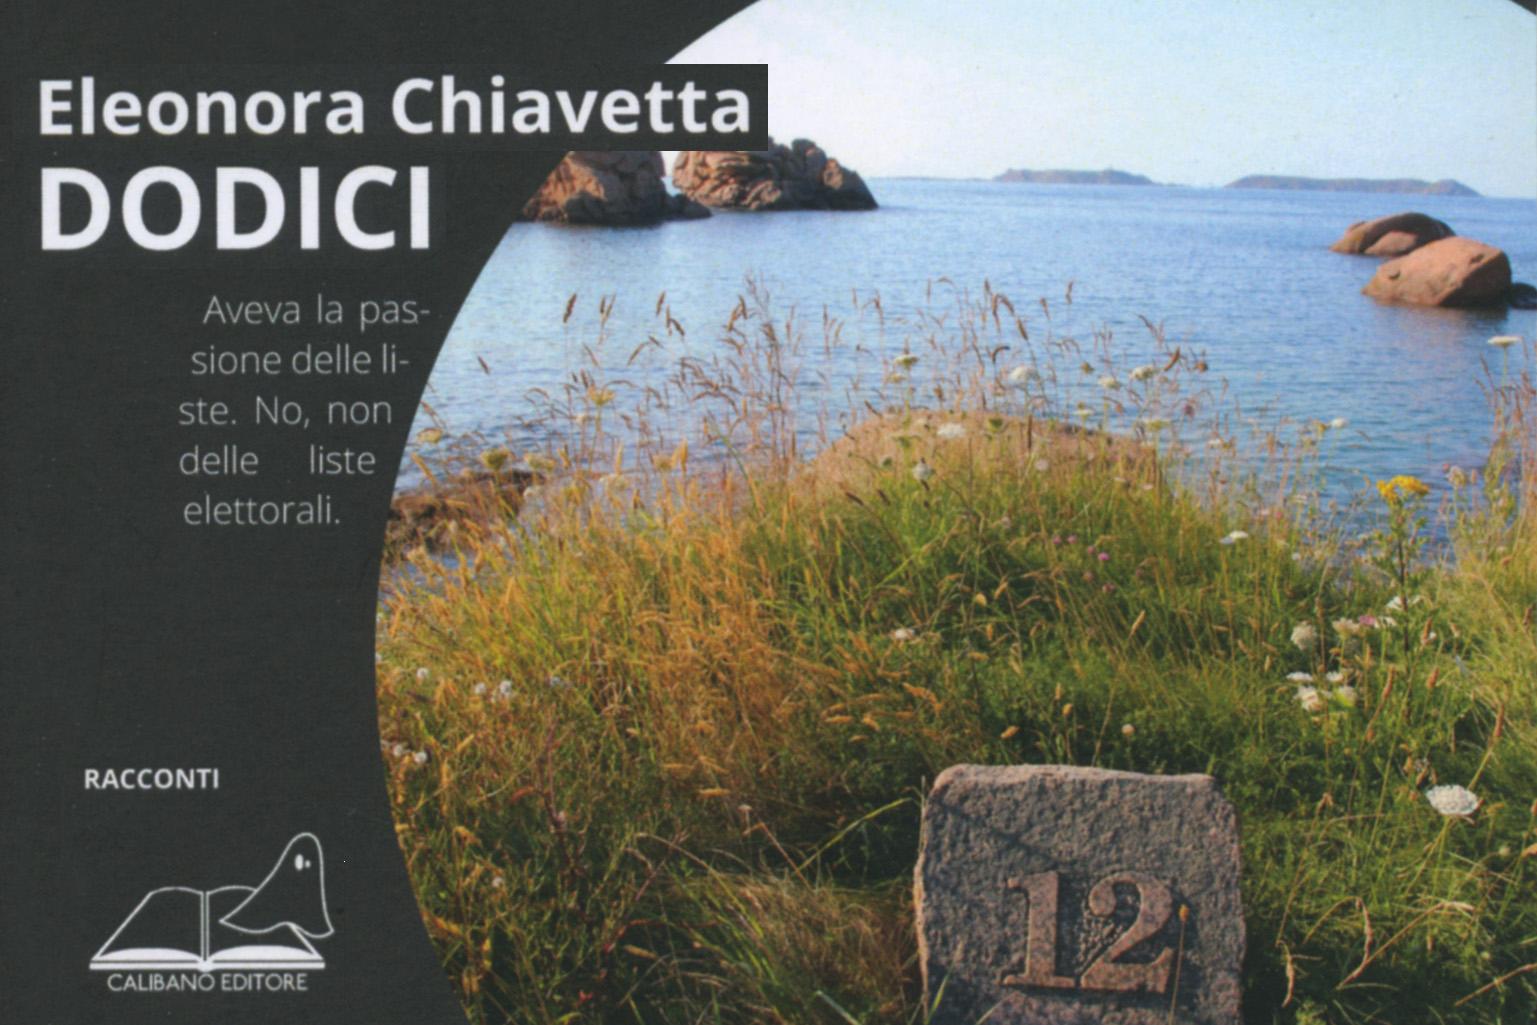 Piatto di copertina di Dodici, di Eleonora Chiavetta, una foto in cui il mare, sullo sfondo alcune isole, è visto da terra dal punto in cui in primo piano si vede un paracarro con il numero 12.